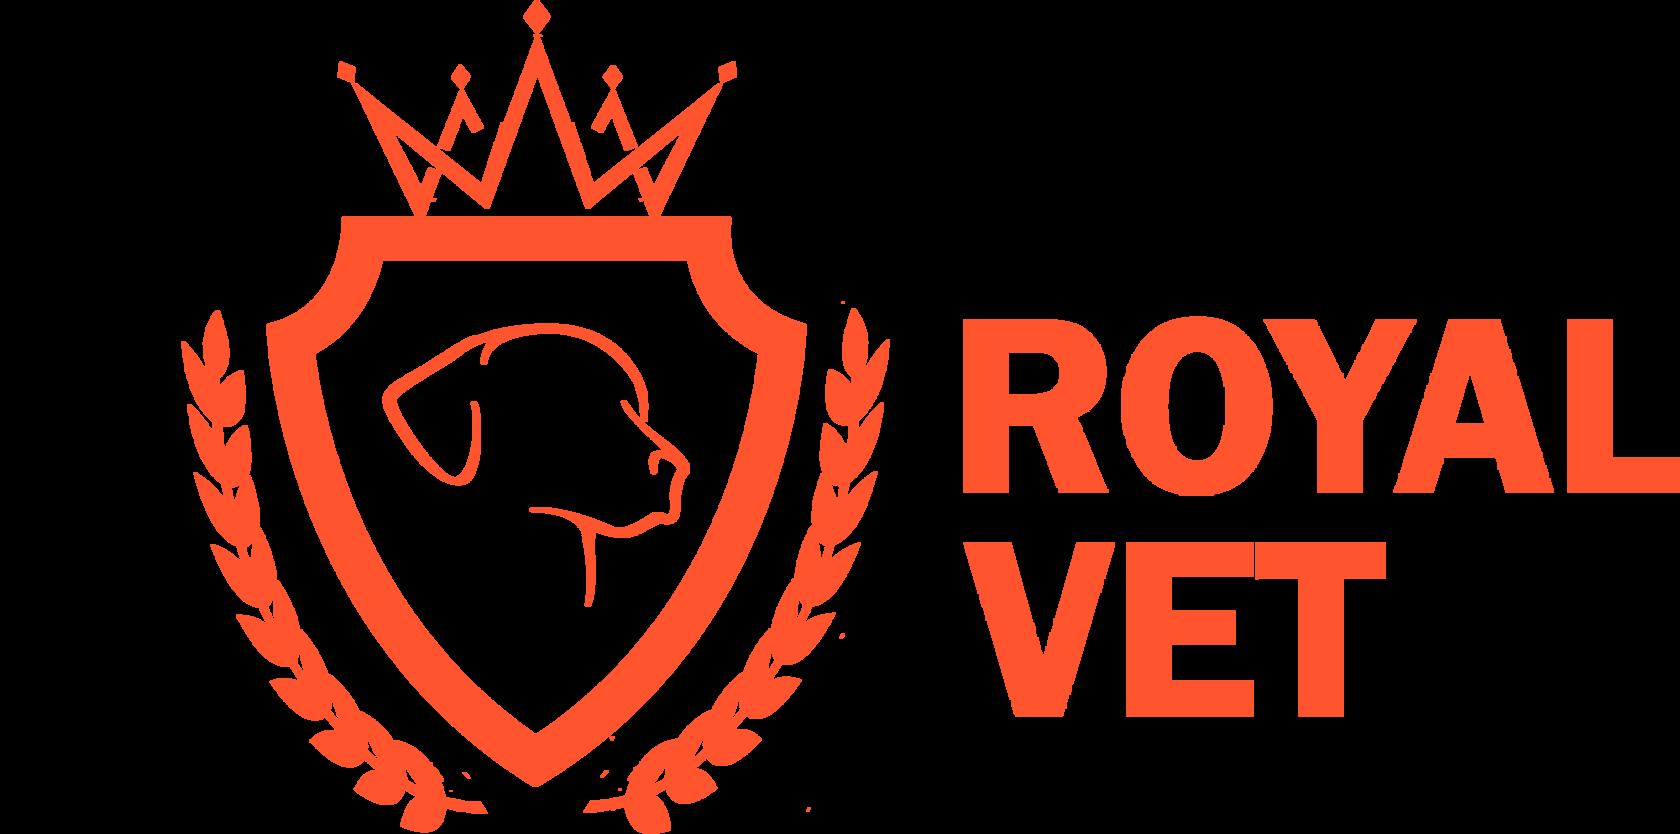 ROYAL VET